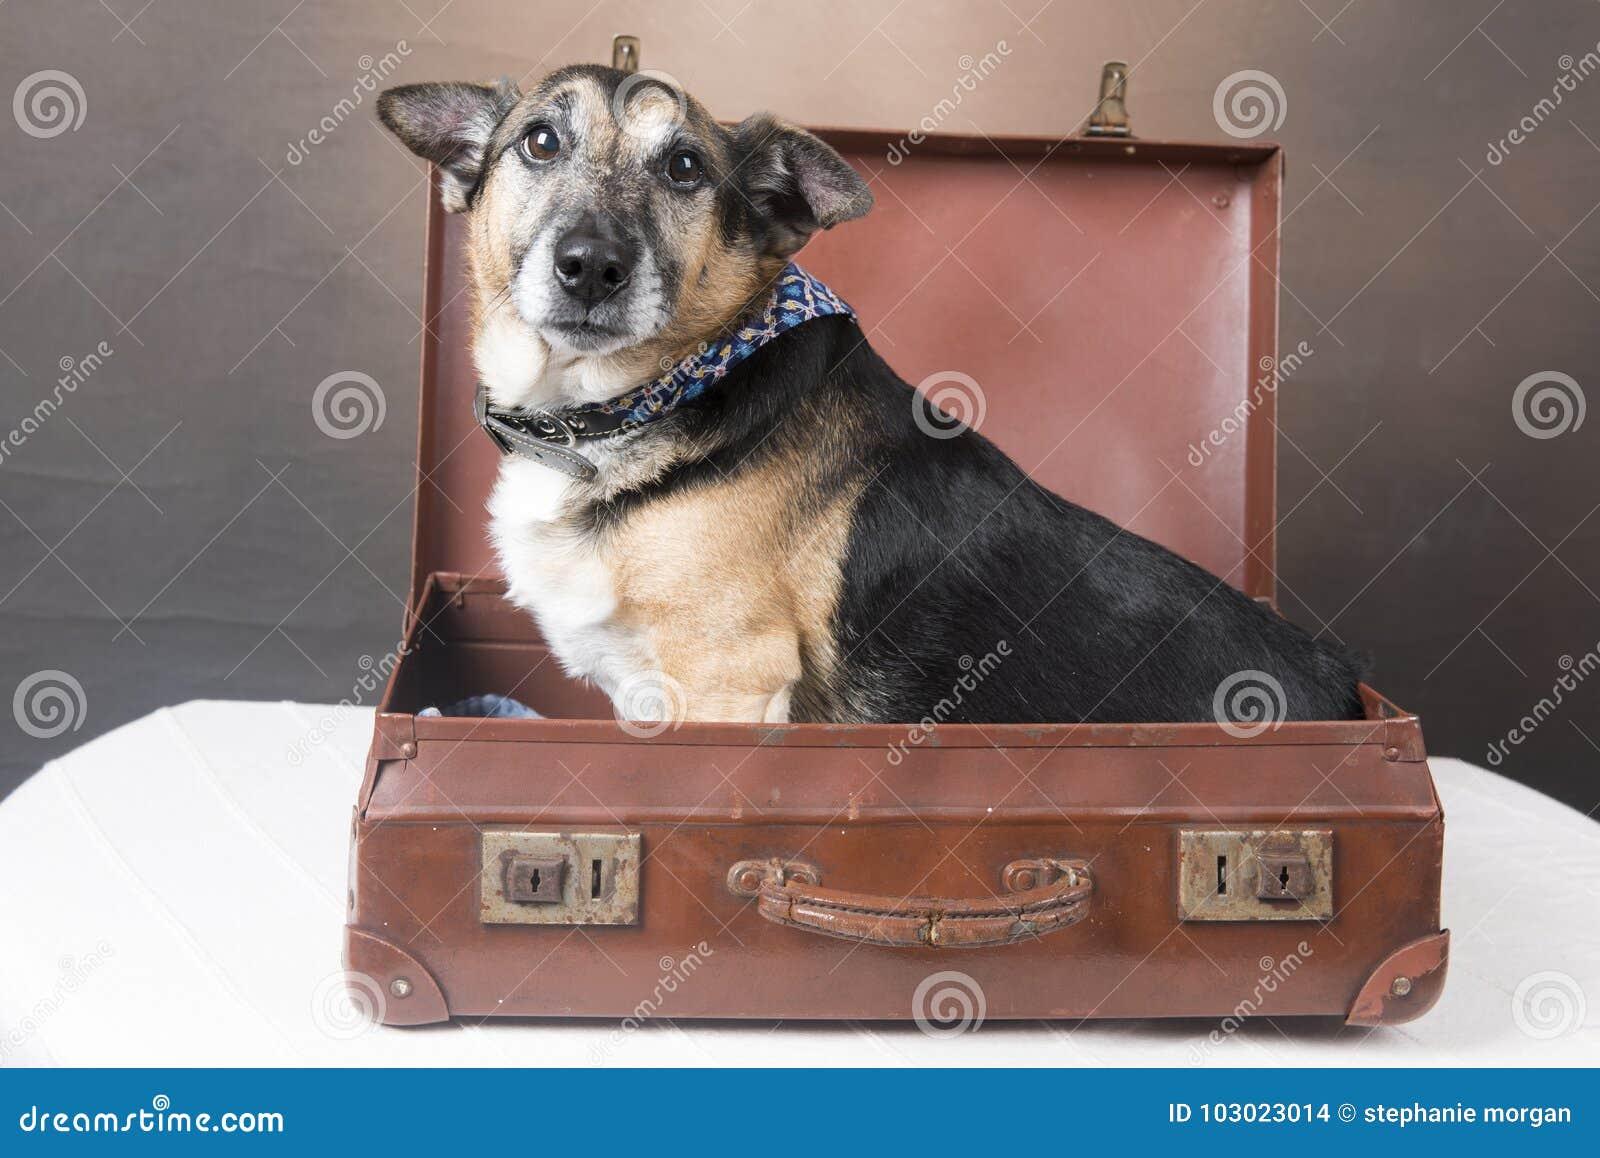 坐在一个古板的手提箱里面的逗人喜爱的小狗狗